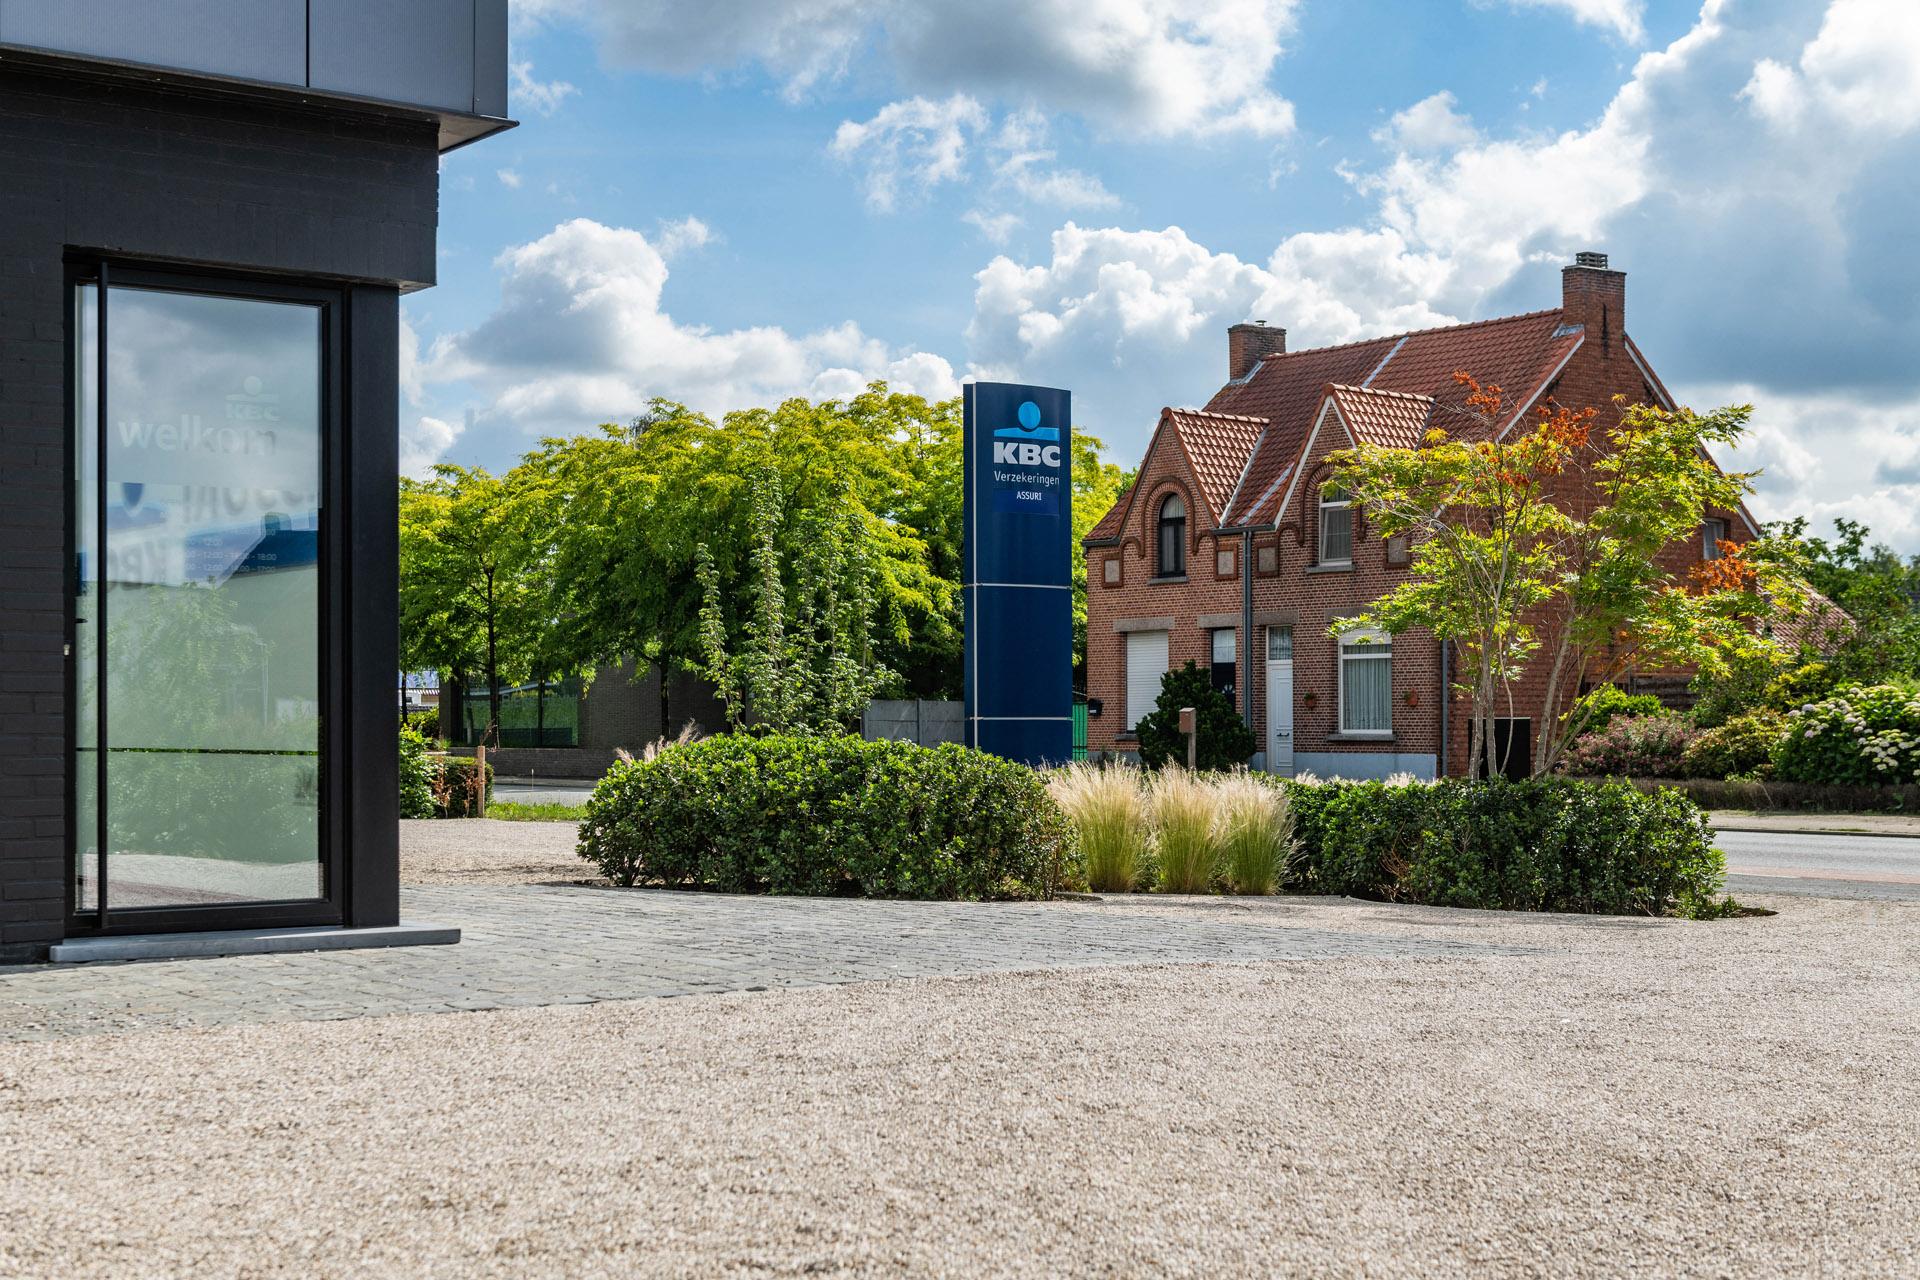 2017 | Herentals - V&V Groenservice